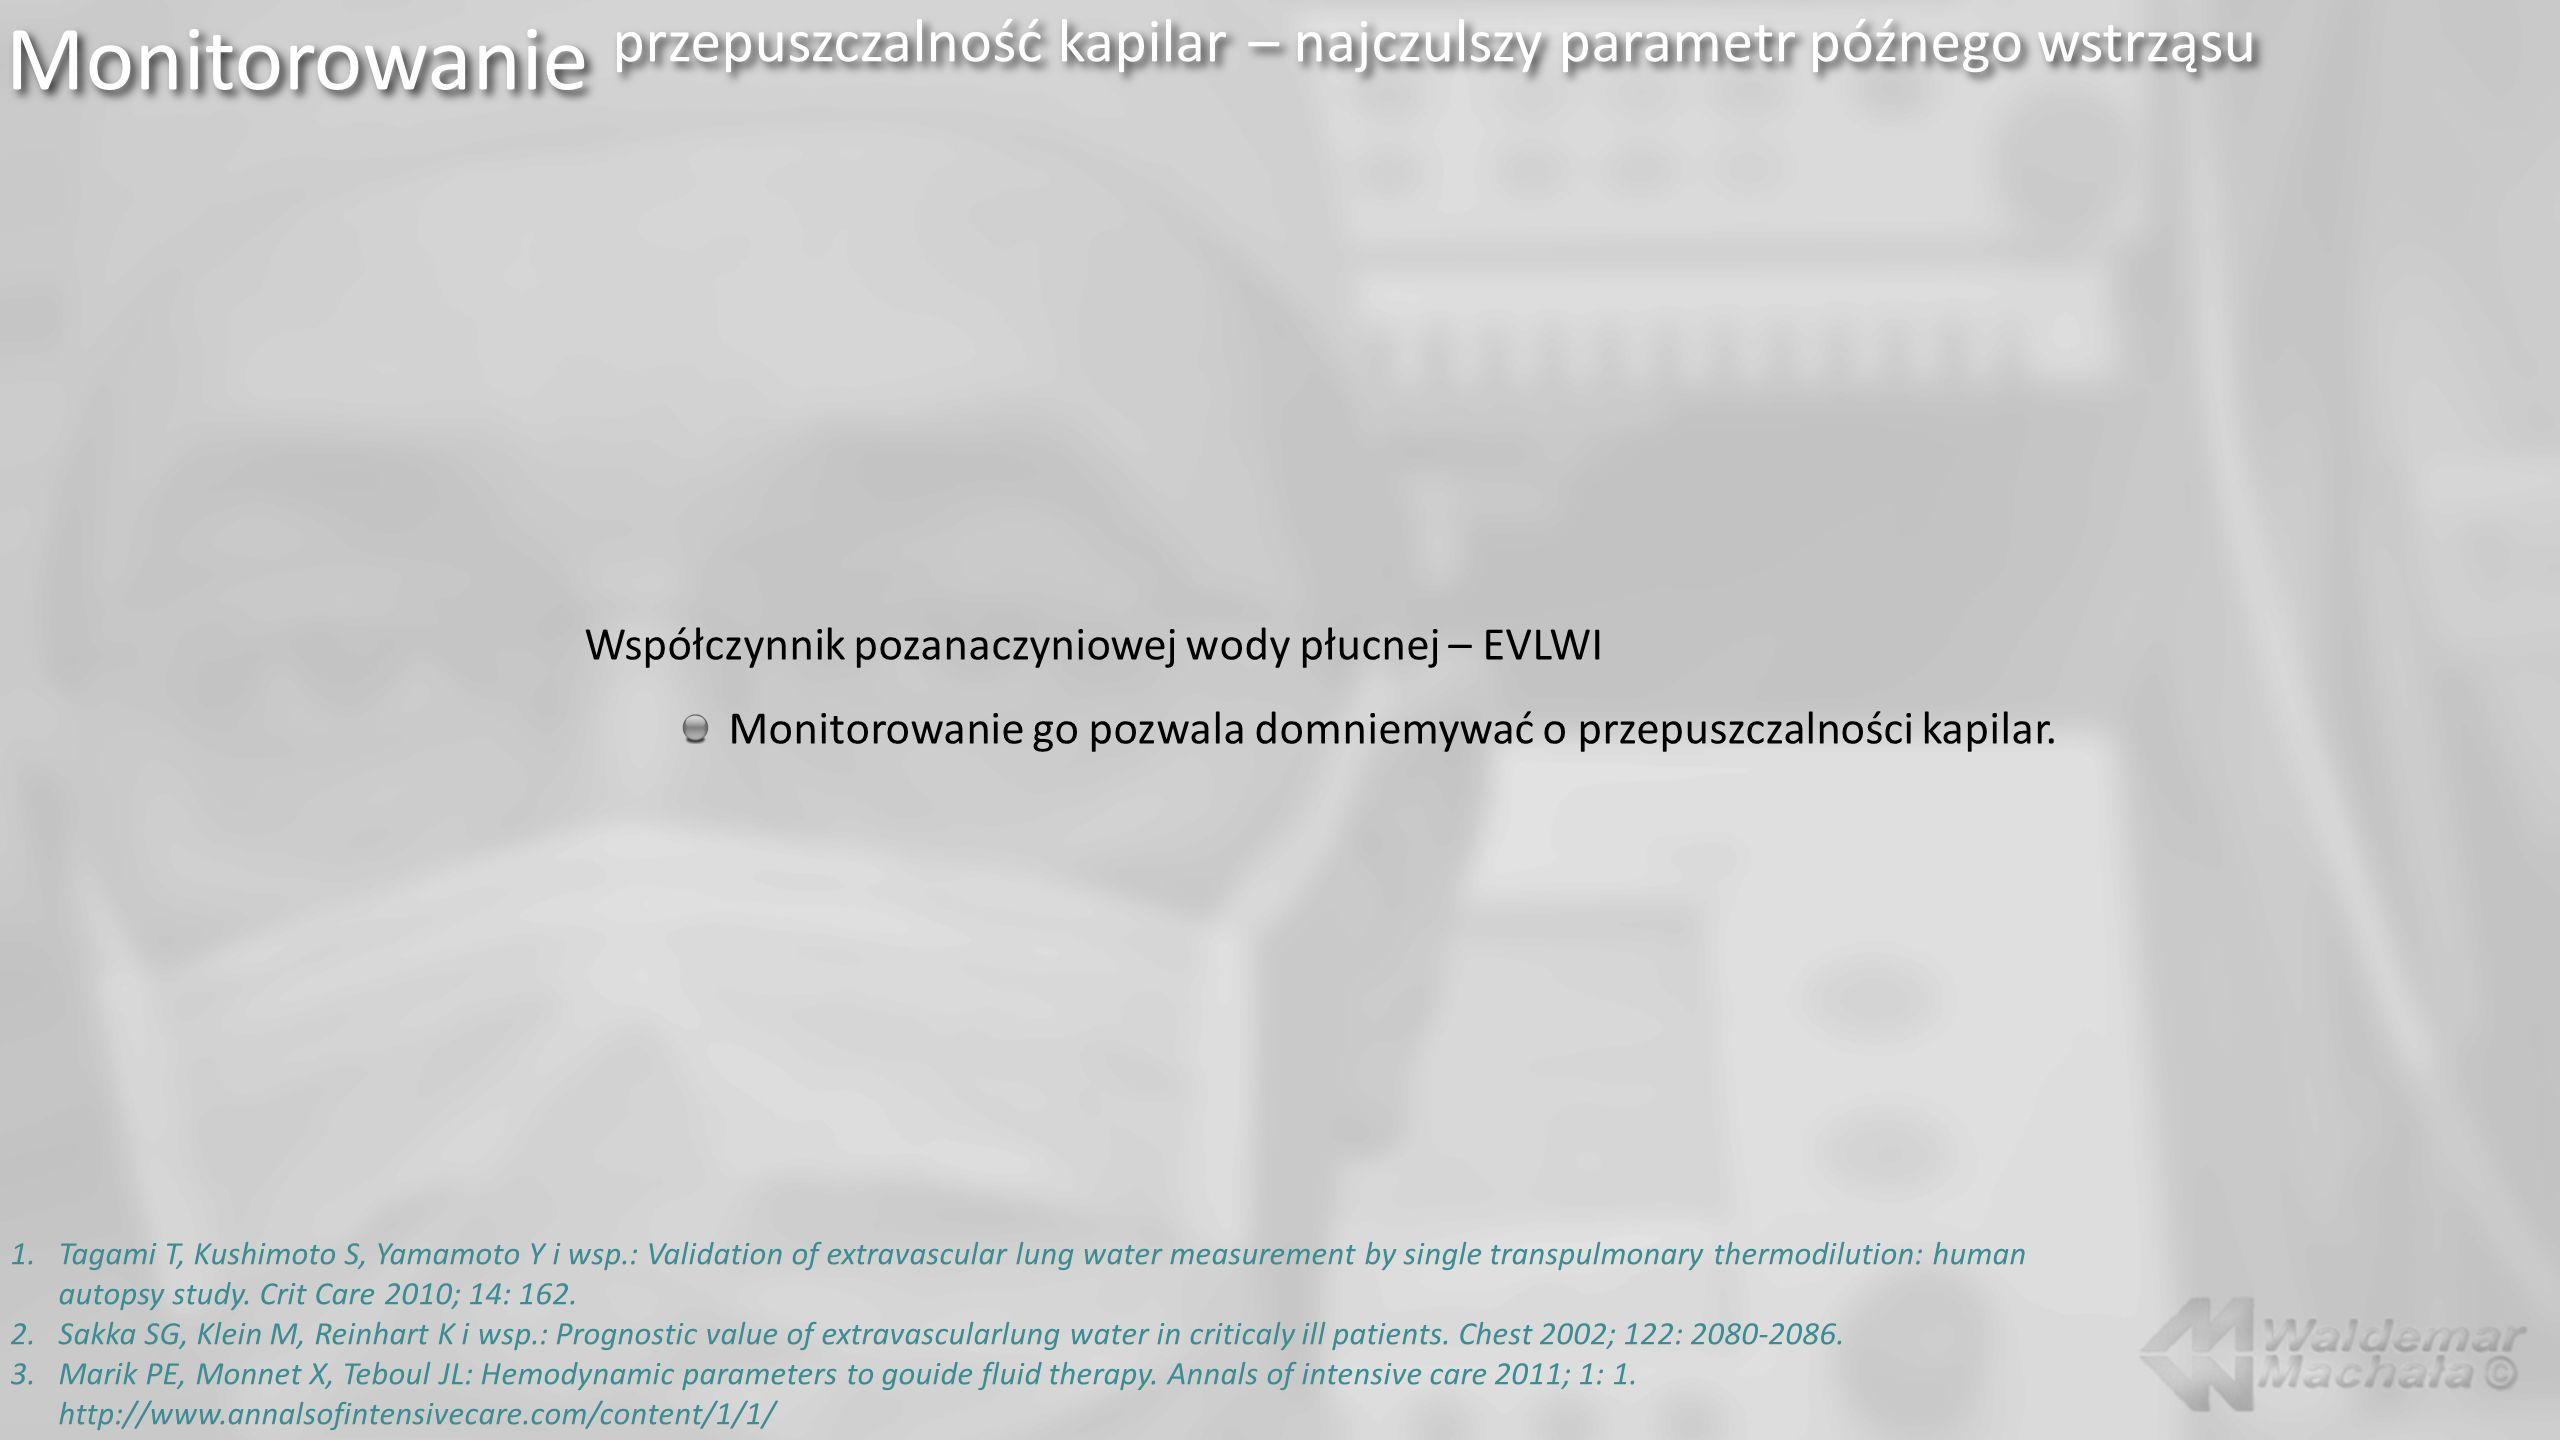 Monitorowanie przepuszczalność kapilar – najczulszy parametr późnego wstrząsu